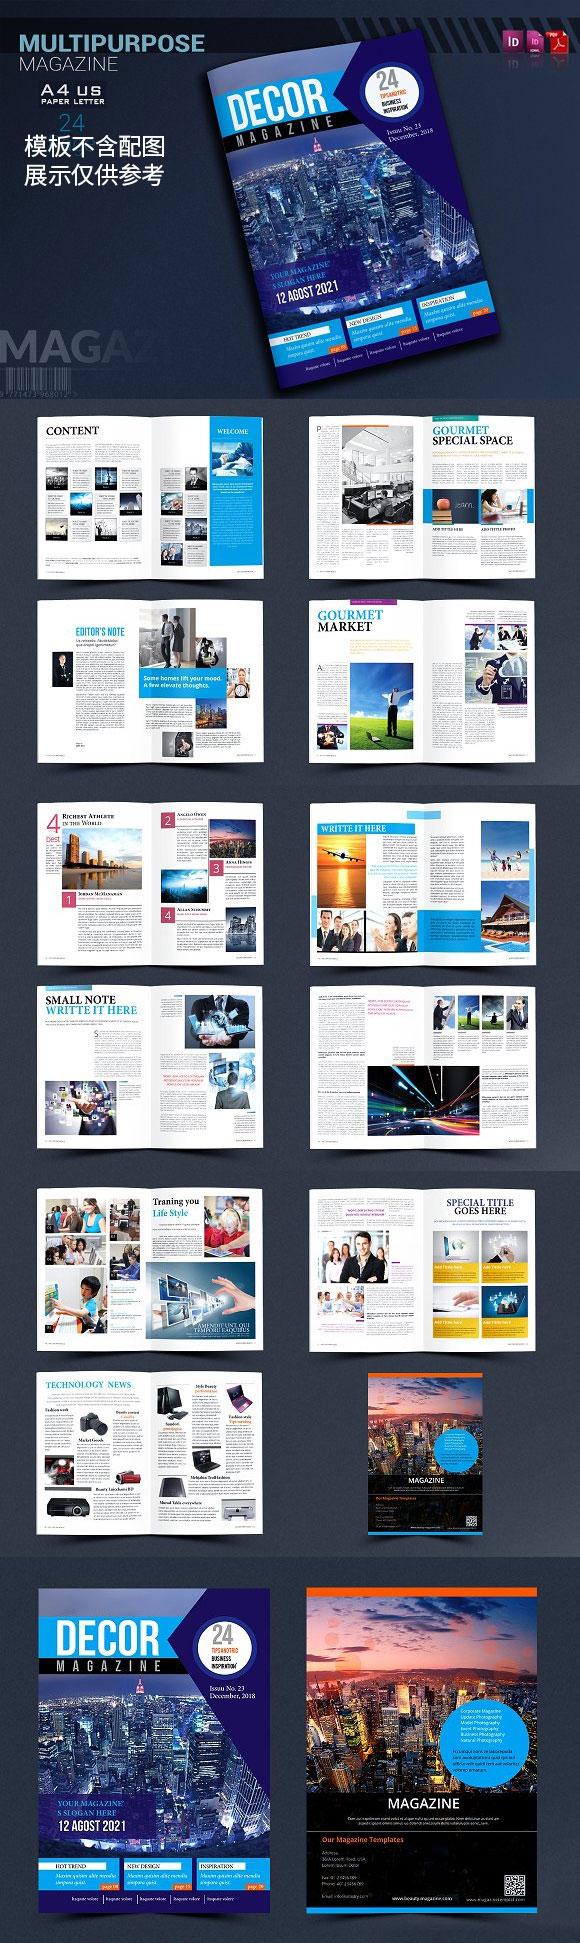 科技杂志画册模板